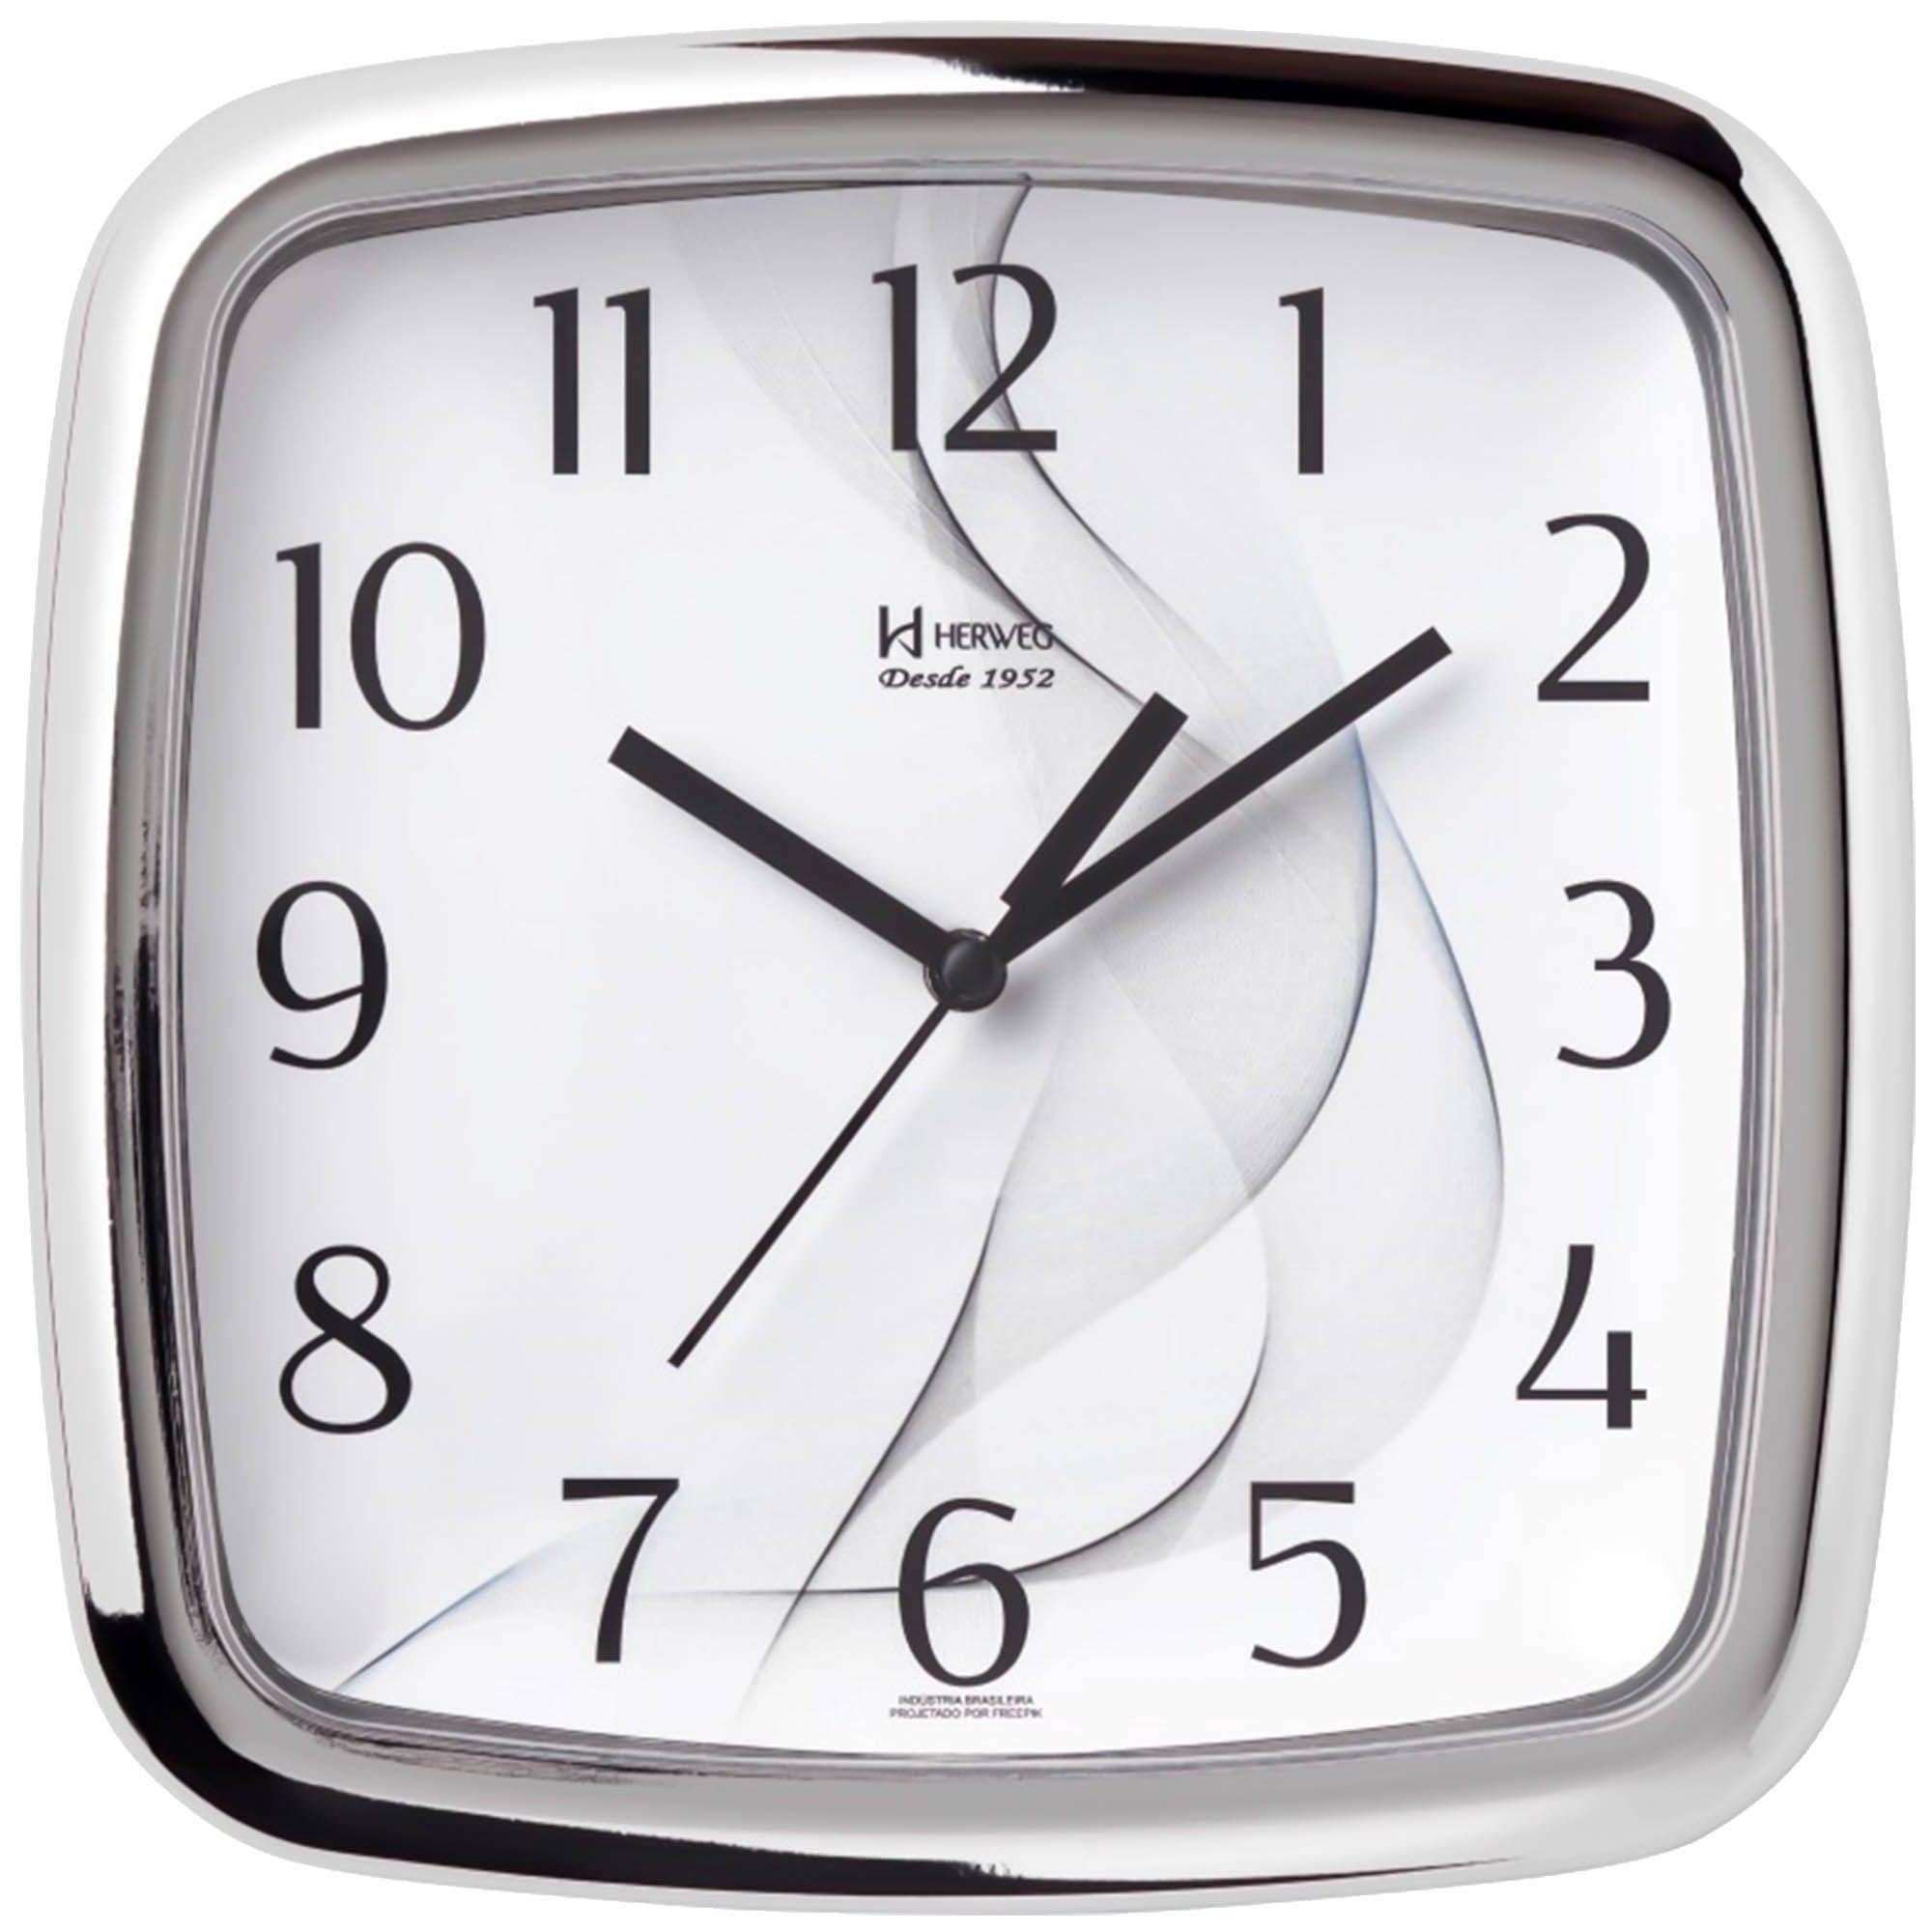 Relógio de Parede Analógico Herweg 660026 028 Cromado